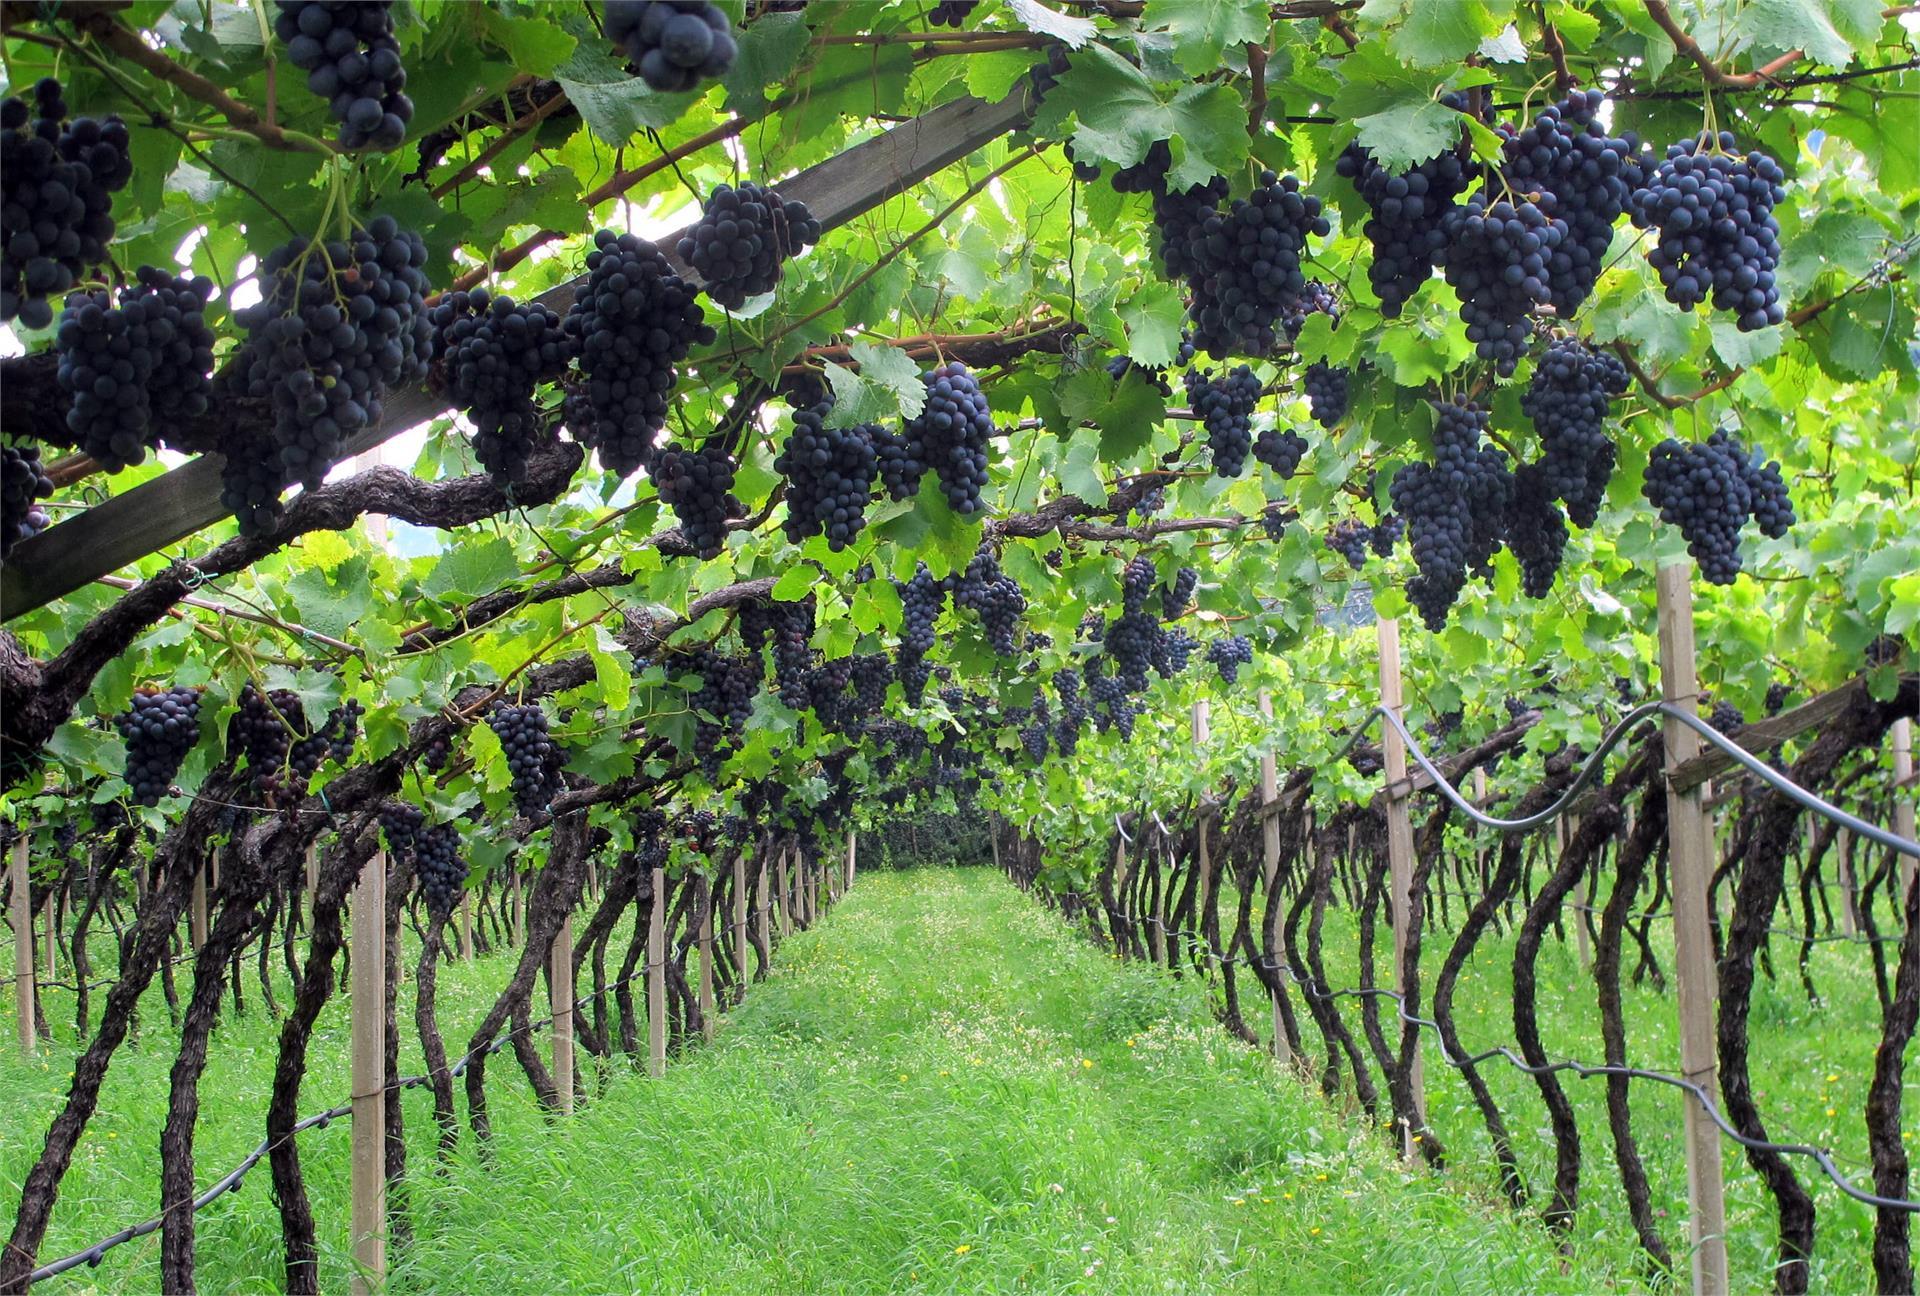 Pranzegg winery